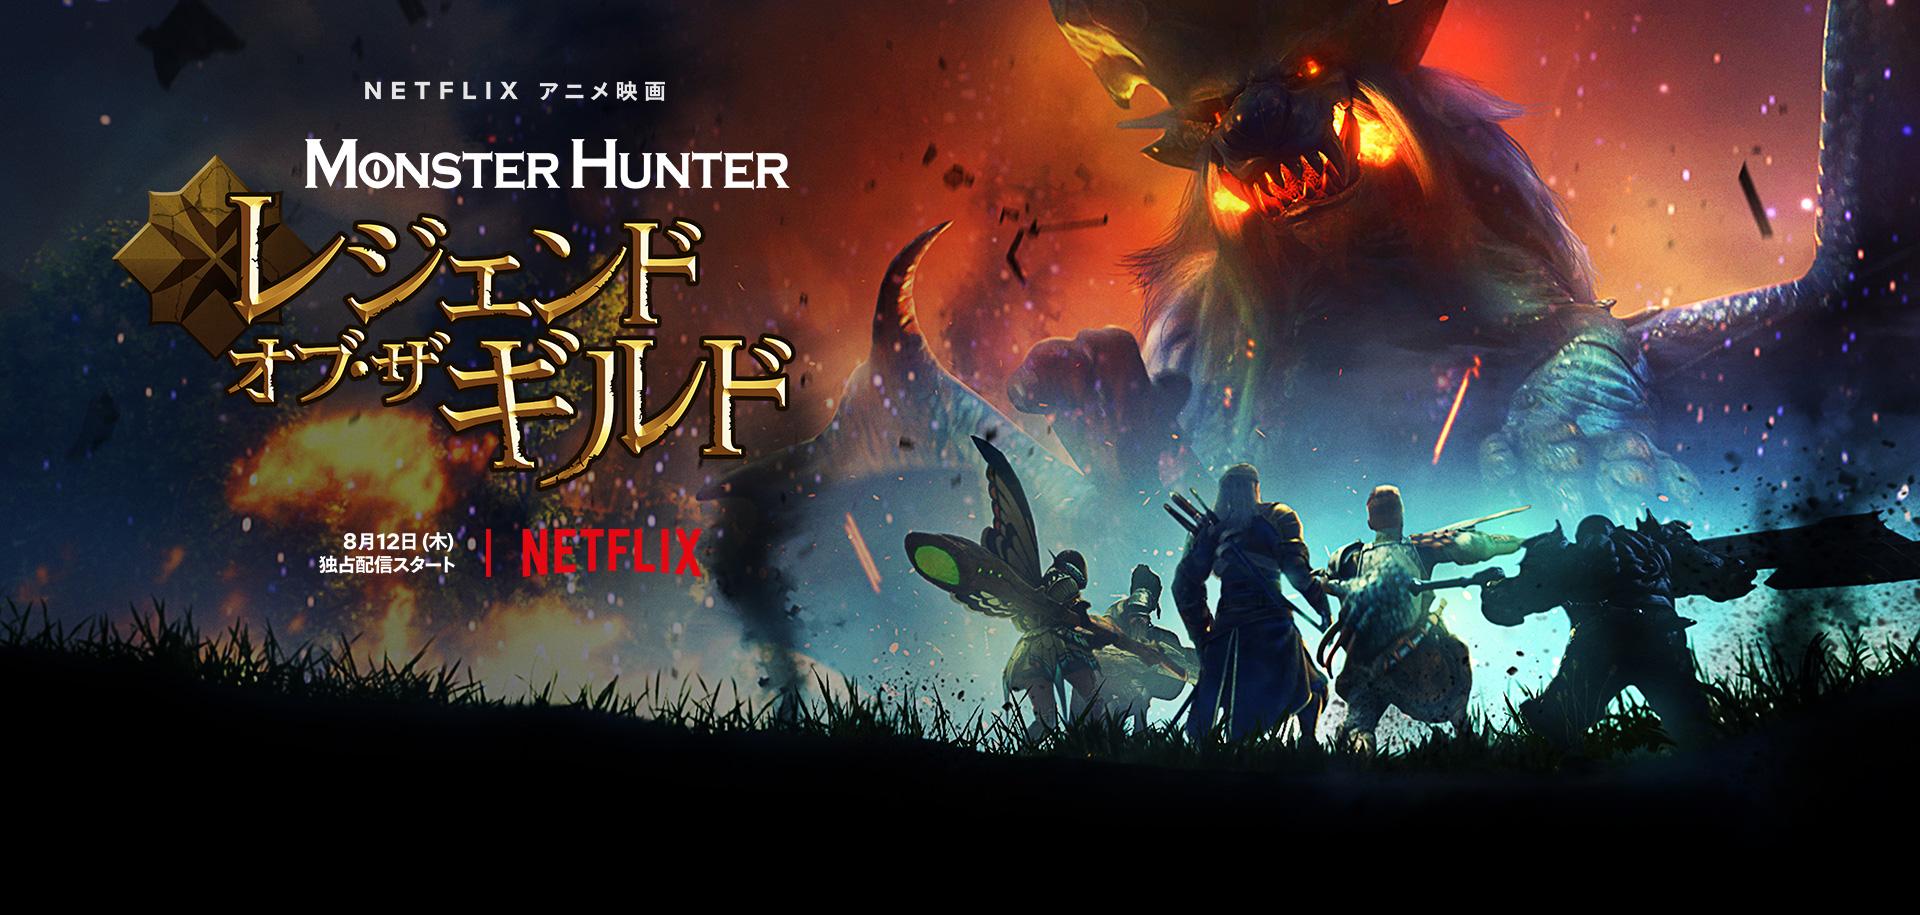 NETFLIXアニメ映画『モンスターハンター:レジェンド・オブ・ザ・ギルド』